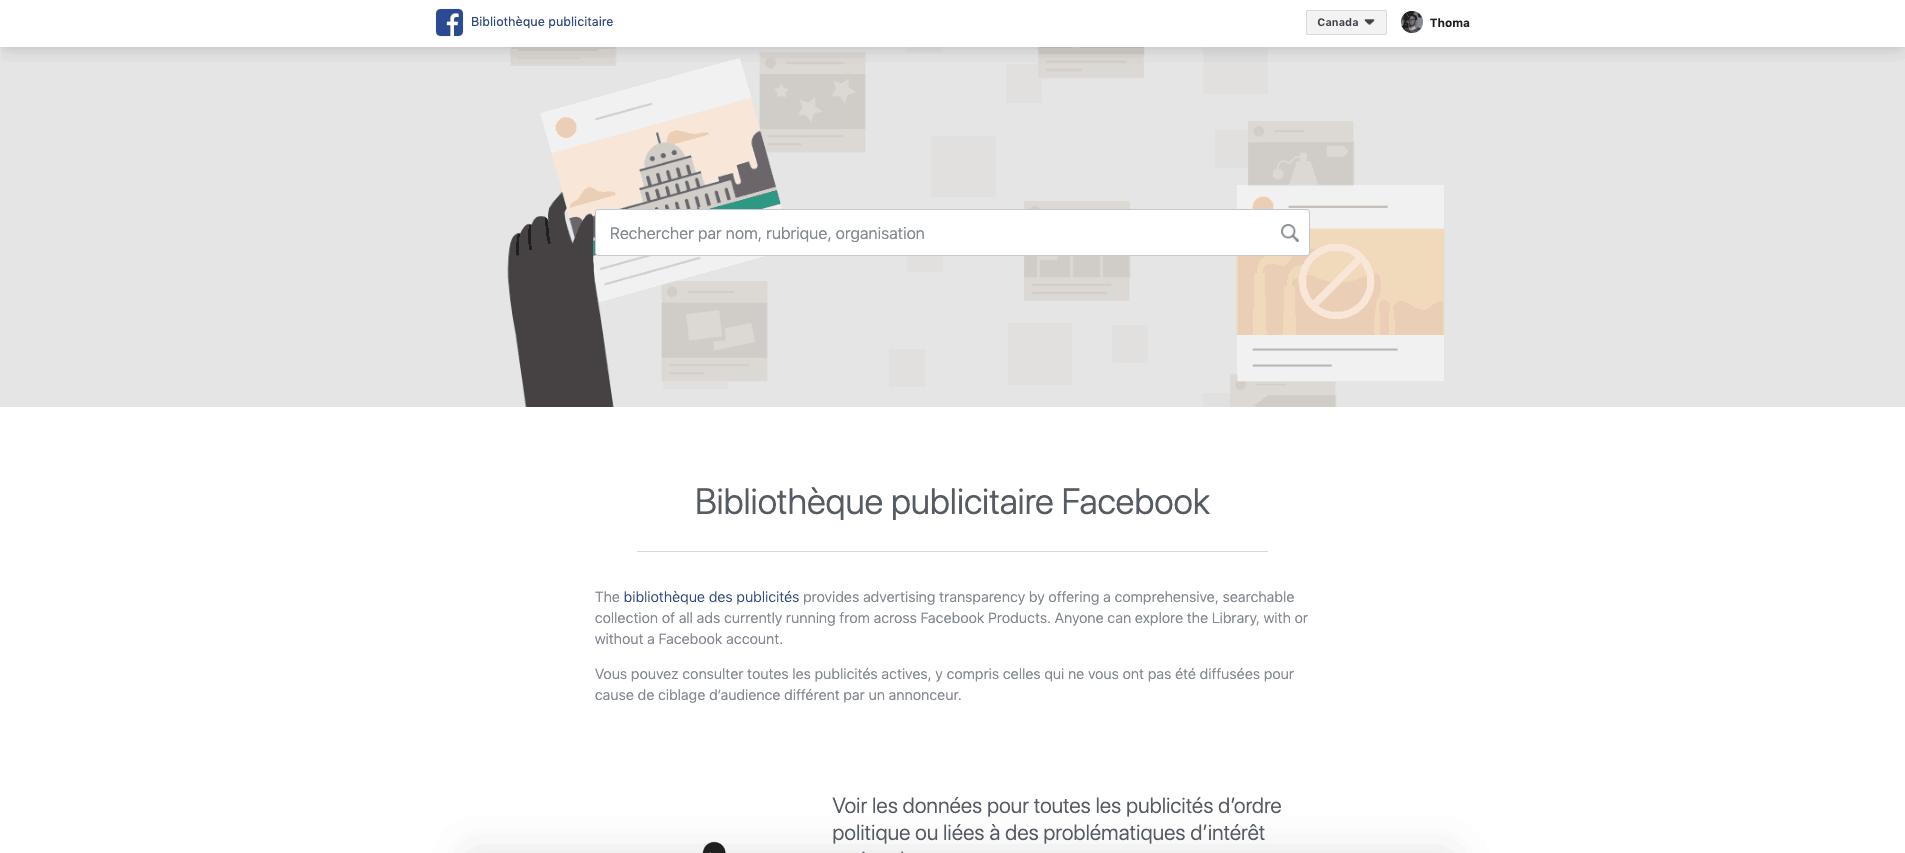 Comment trouver les publicités de n'importe quelle page Facebook, même les petites